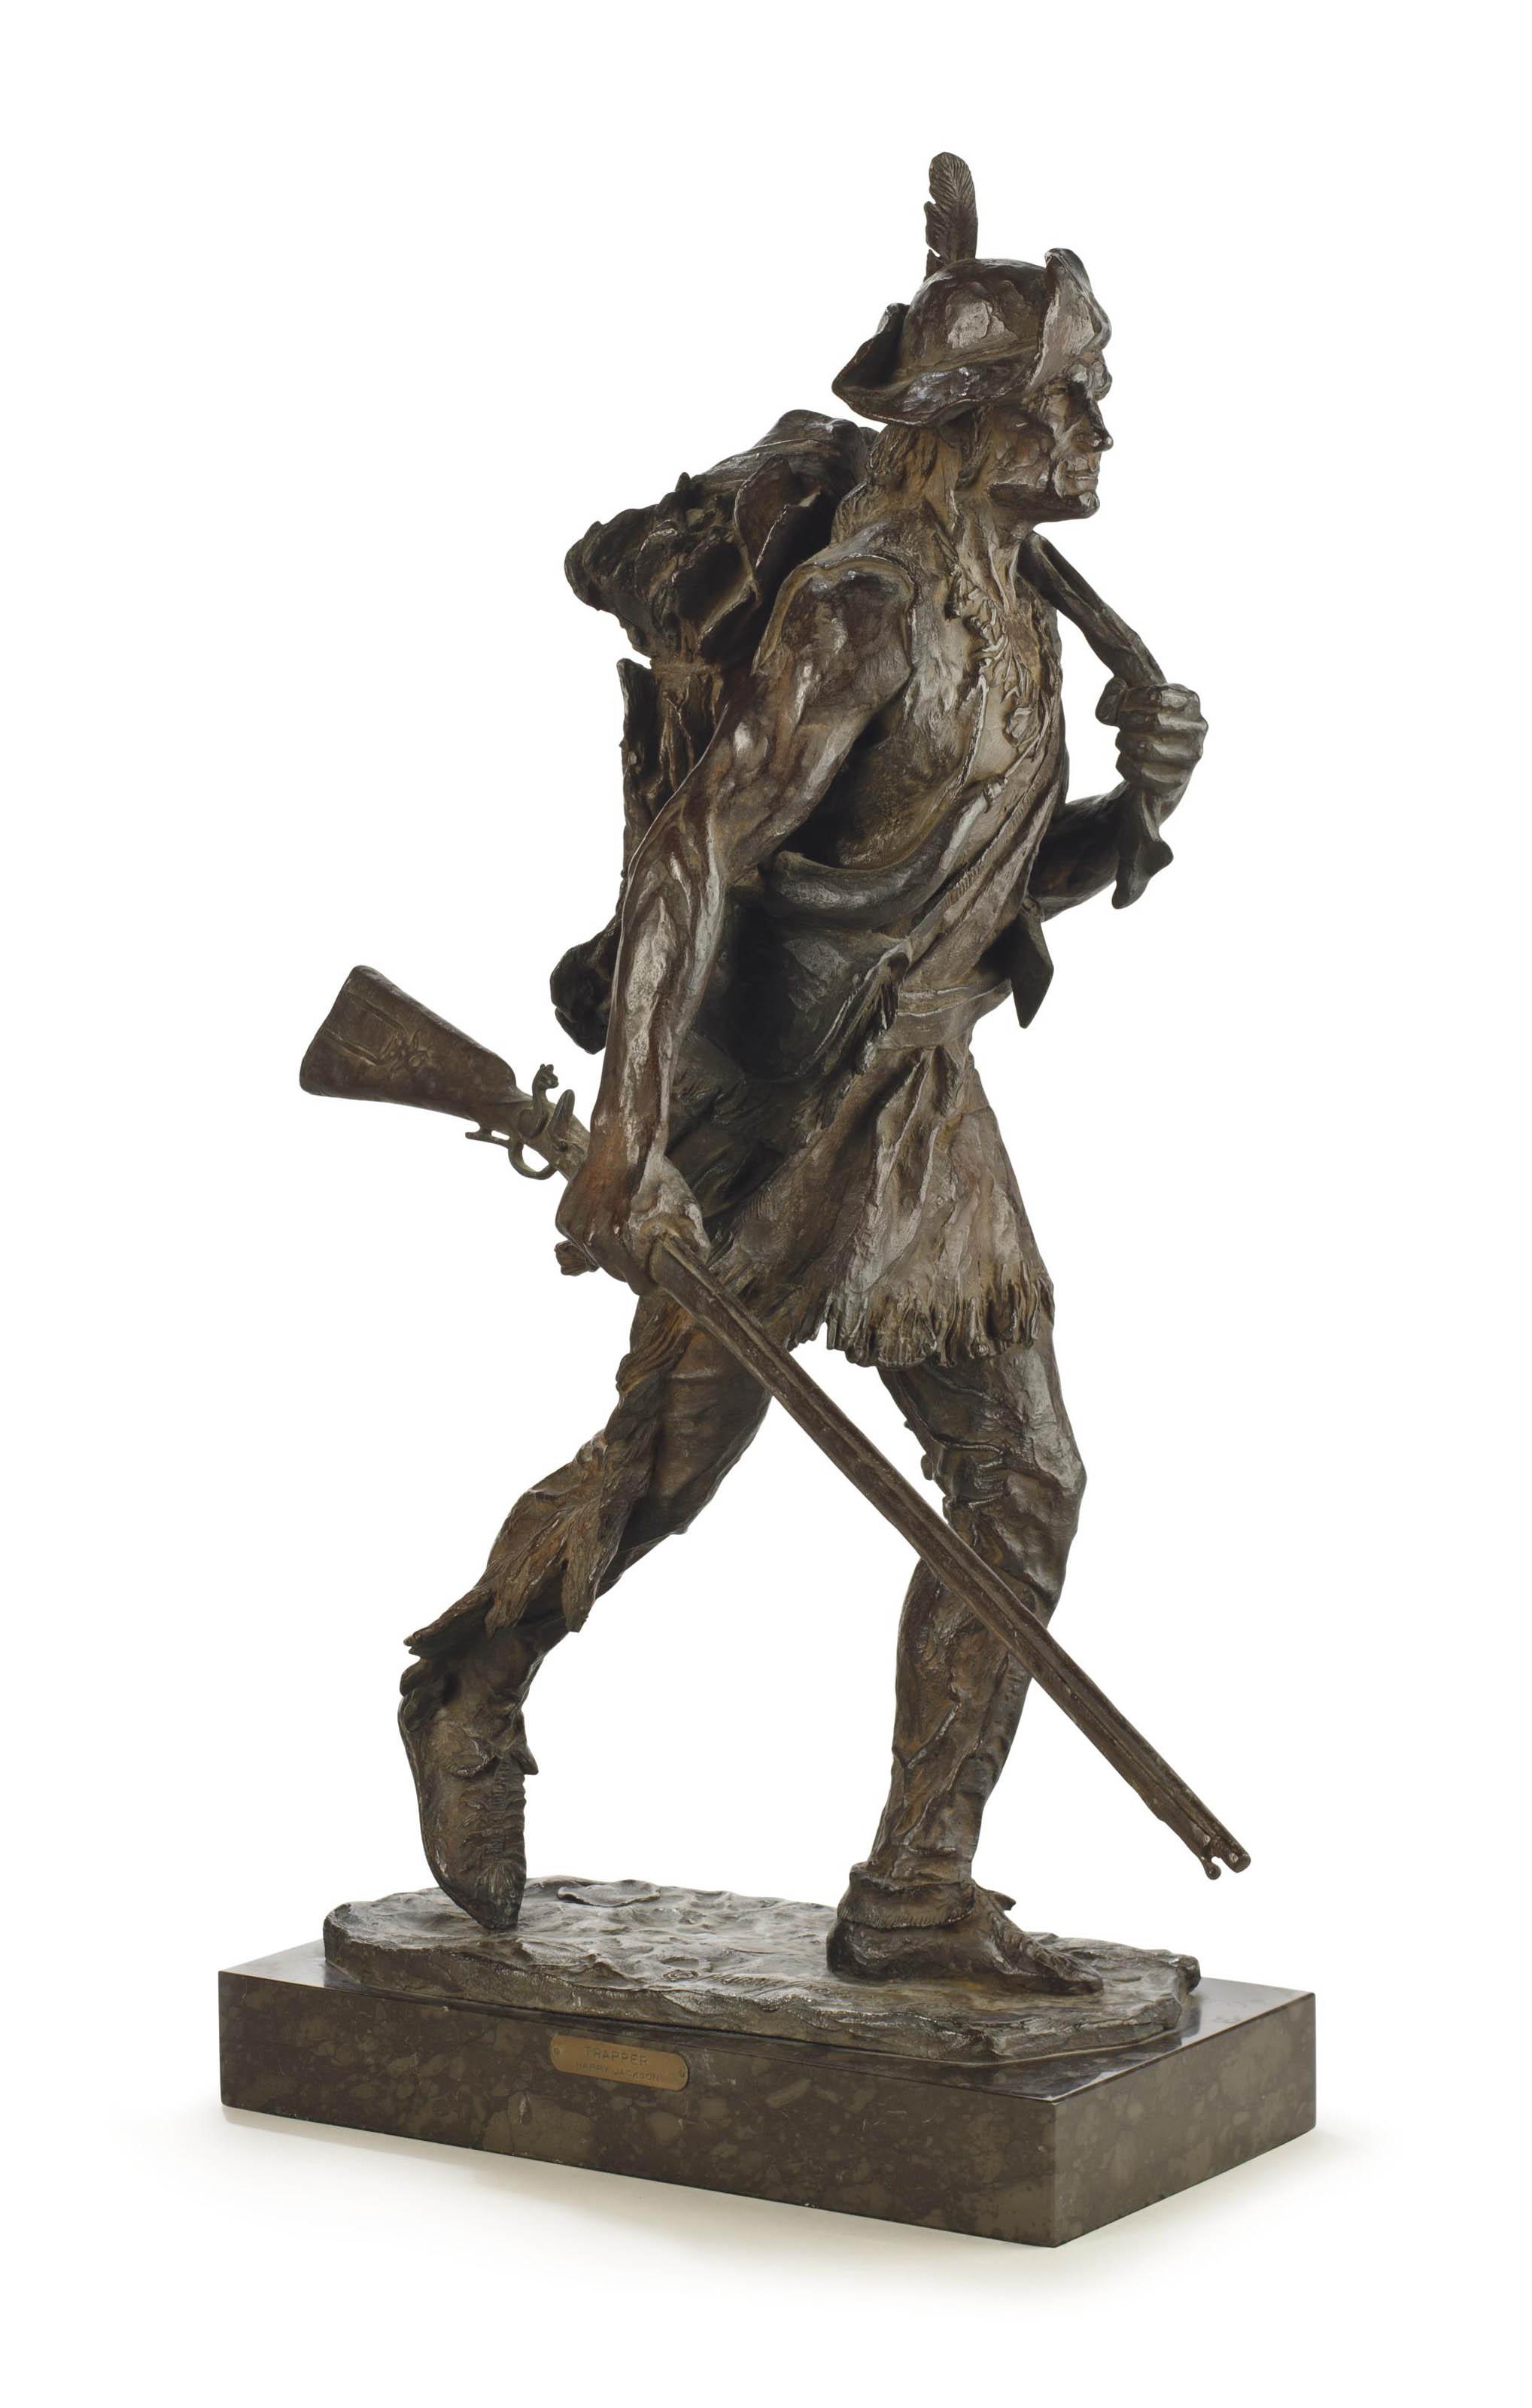 'The Trapper'